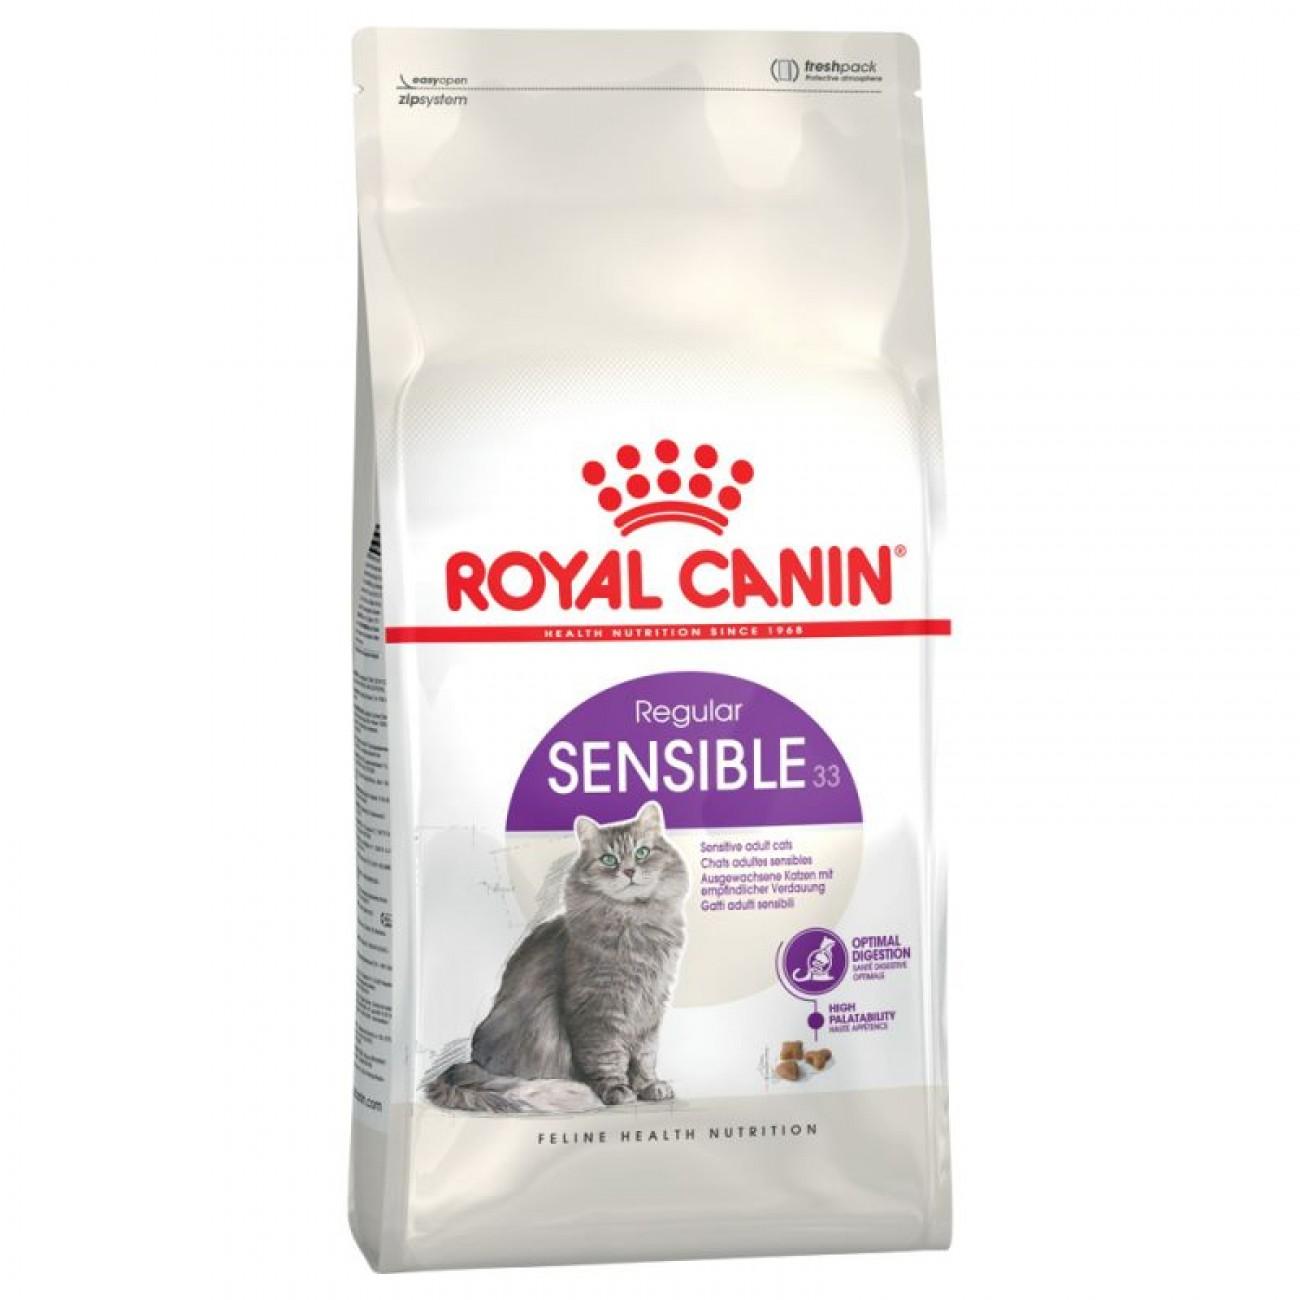 غذای خشک گربه بالغ رویال کنین مدل Sensible 33 وزن 2 کیلوگرم